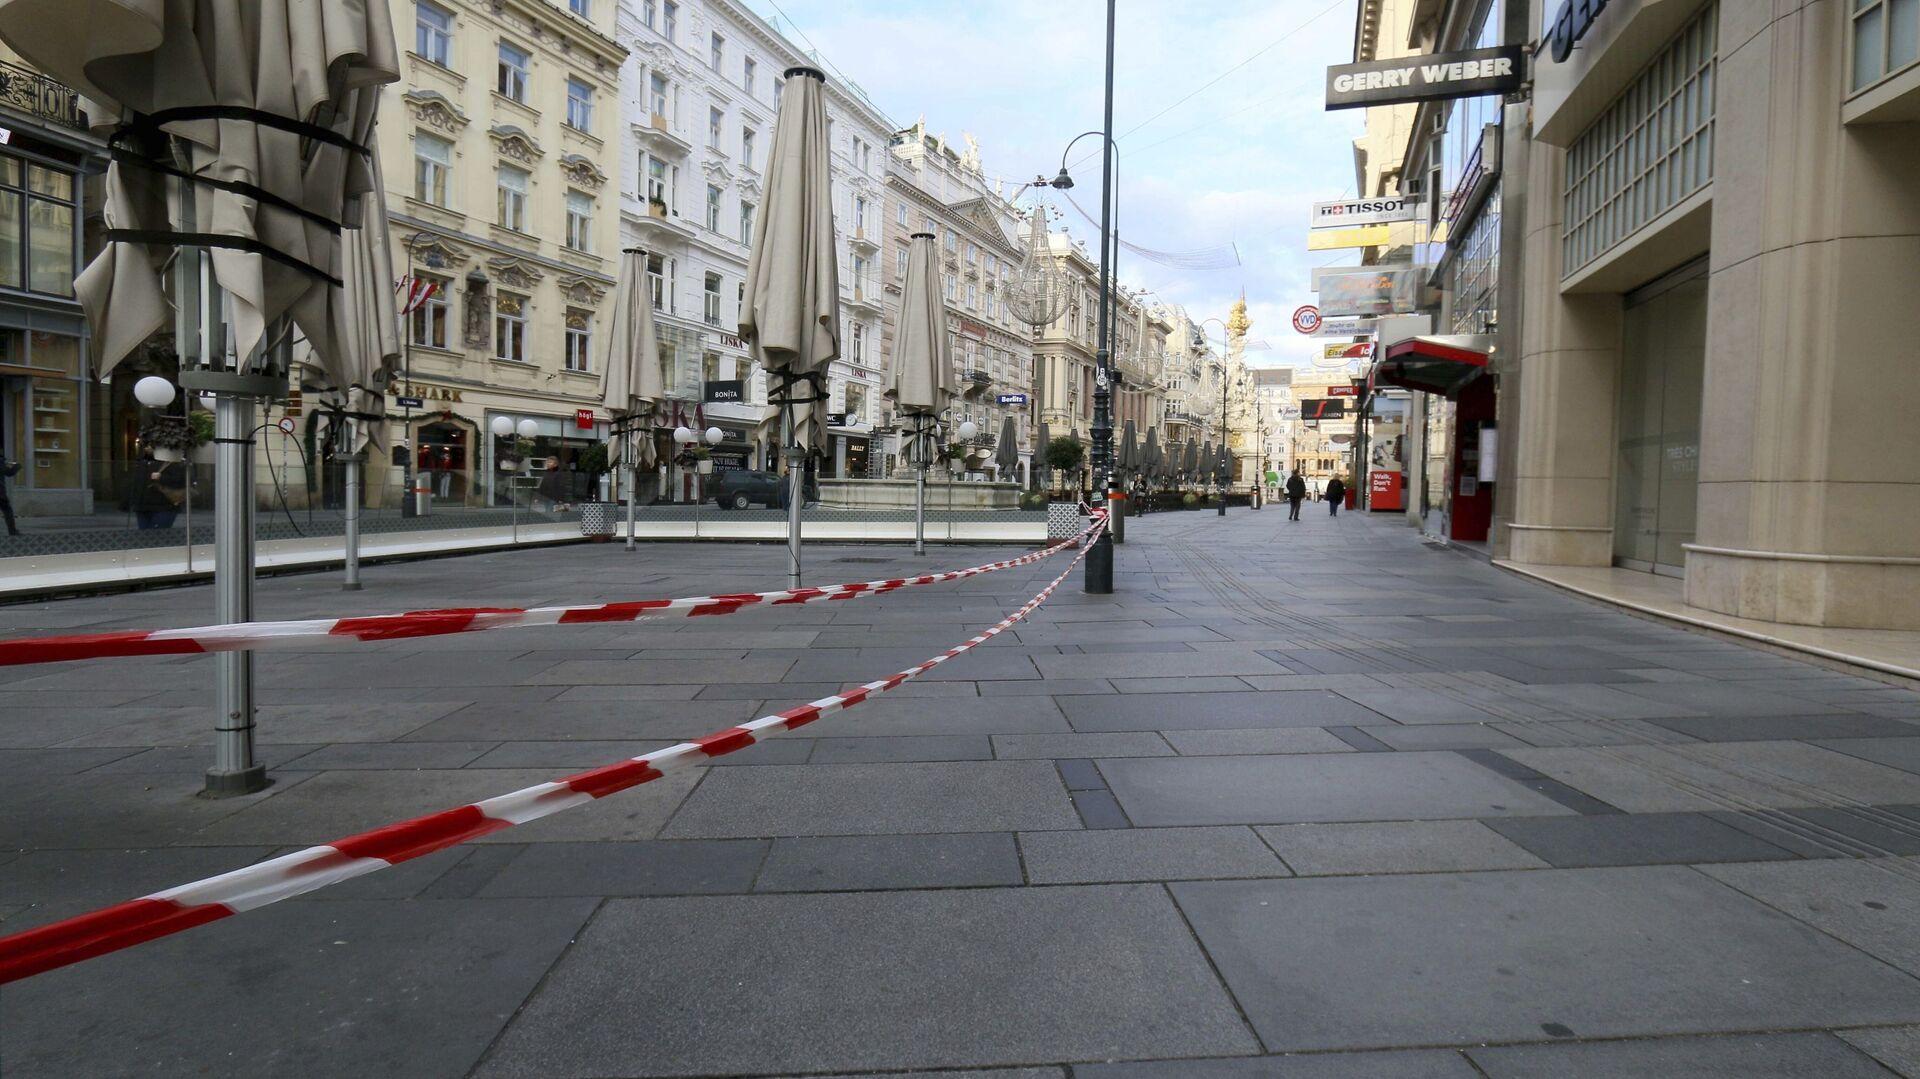 Закрытые кафе в пешеходной зоне во время локдауна, объявленного правительством в связи с коронавирусом, в Вене, Австрия - Sputnik International, 1920, 11.09.2021